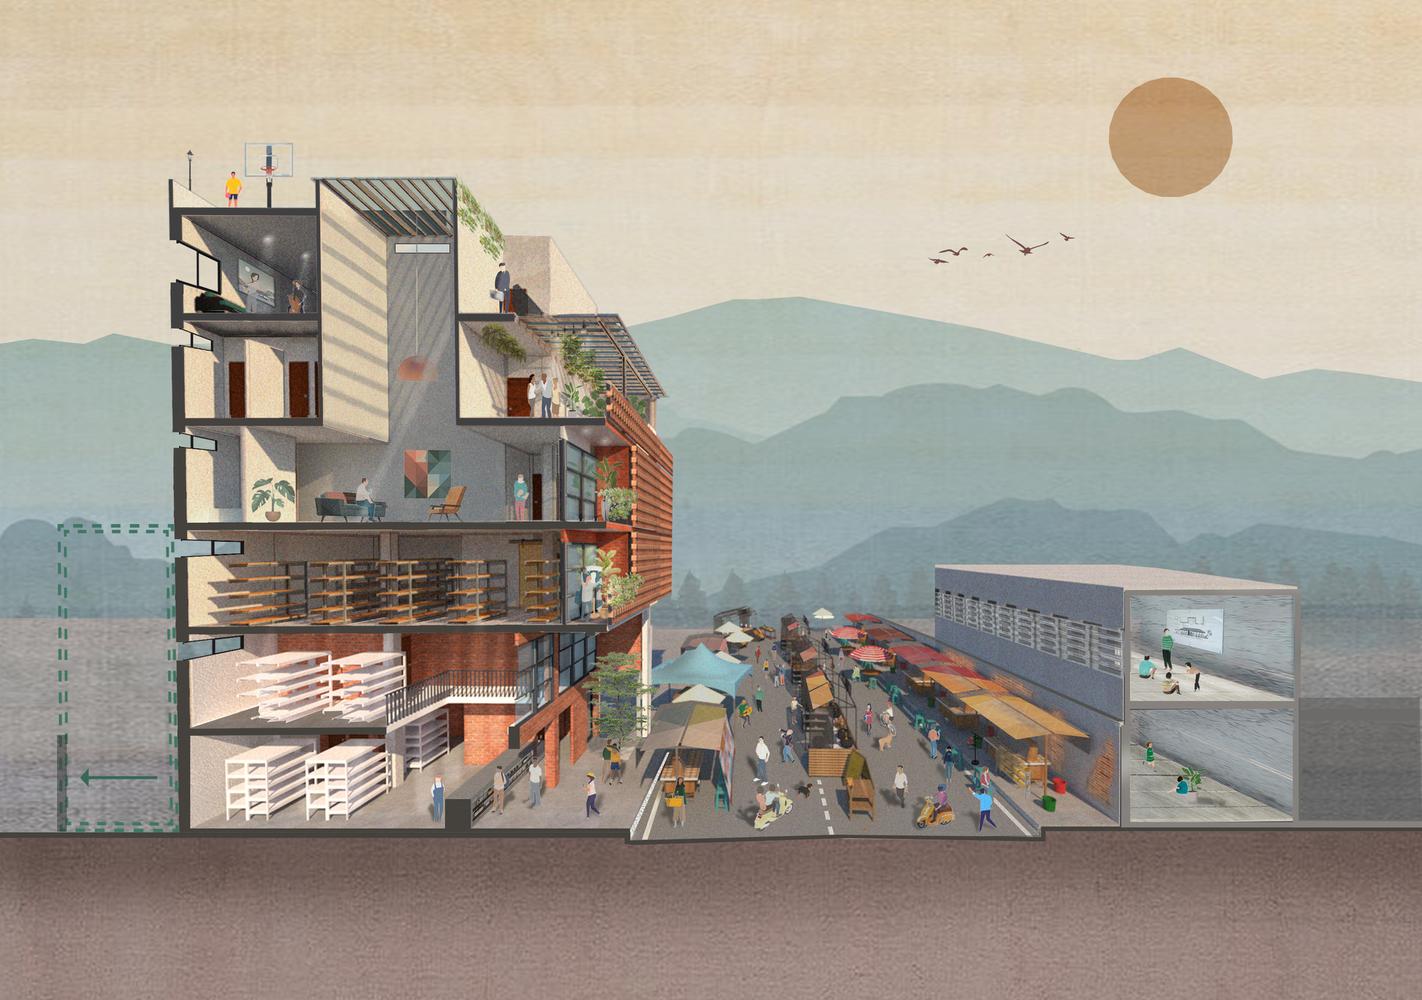 Los mejores dibujos arquitectónicos del 2020